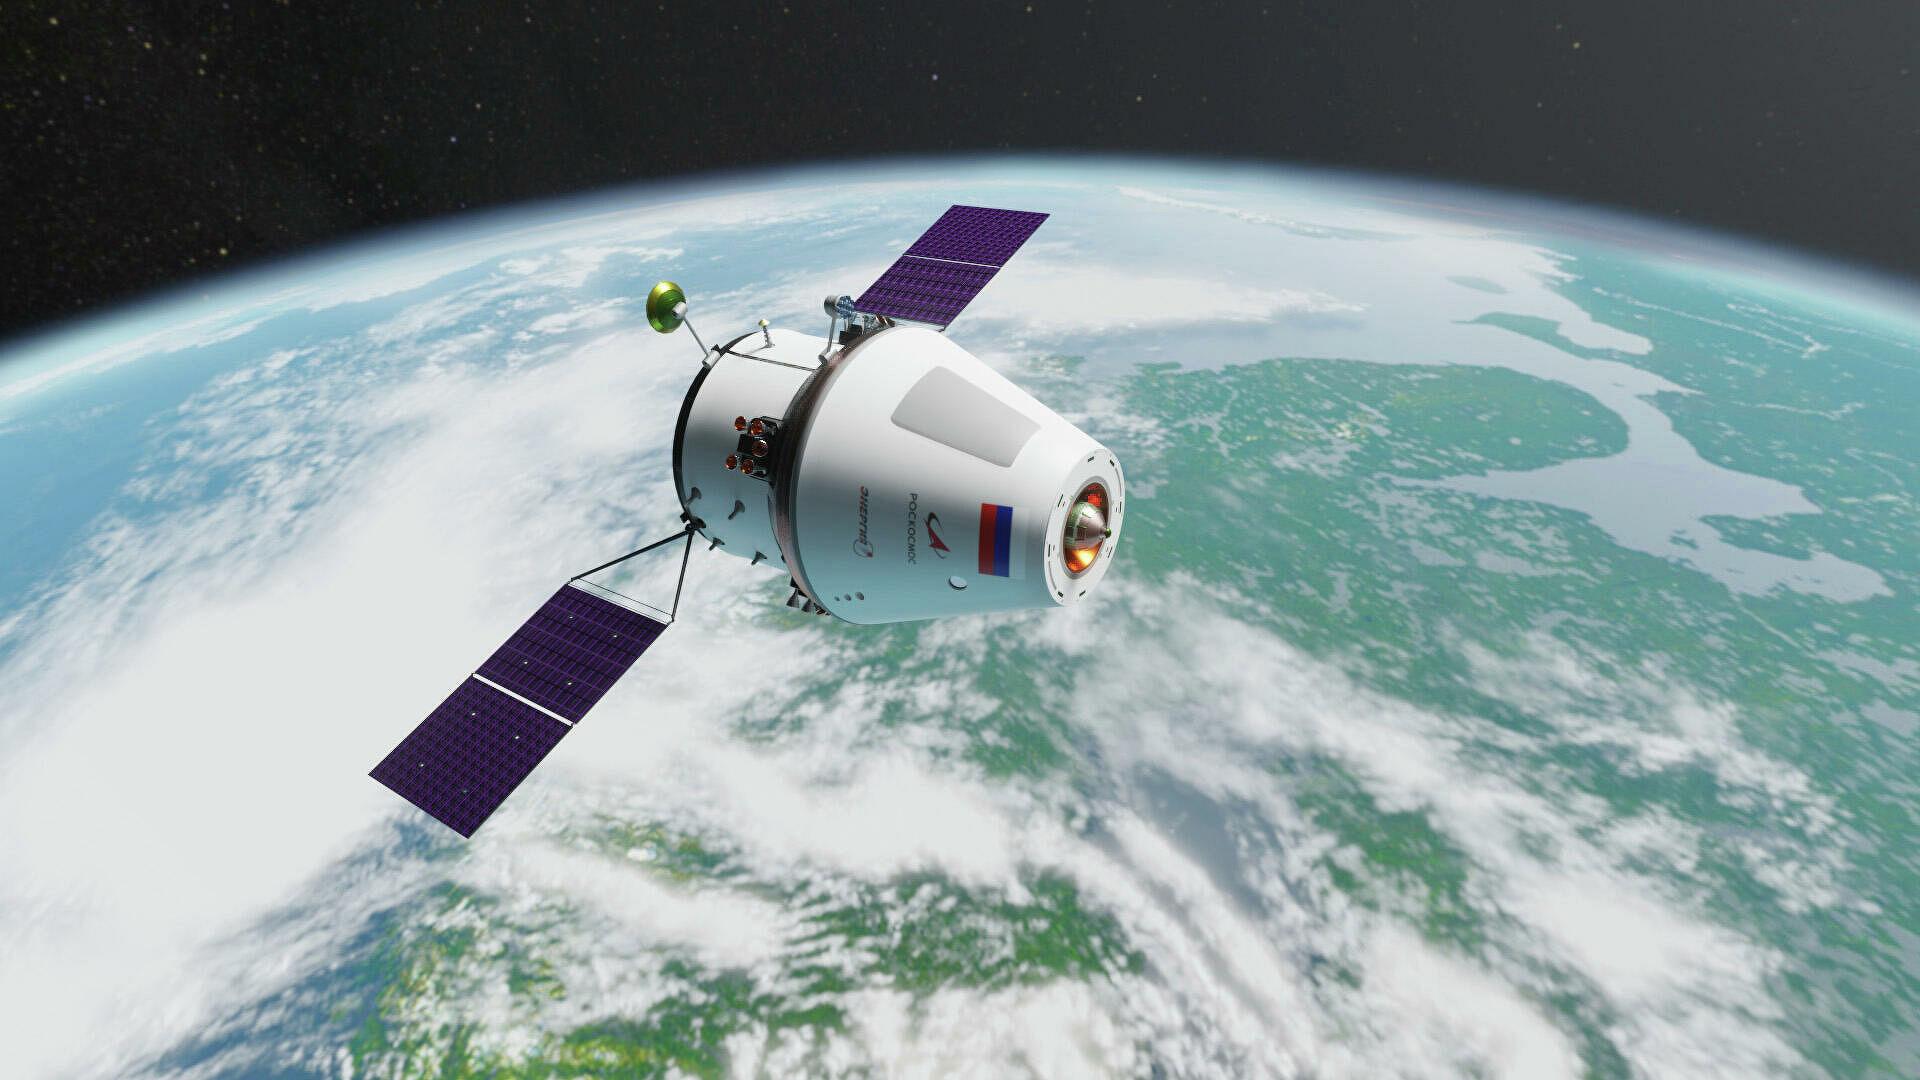 """Прво пробно лансирање нове руске летелице """"Орел"""" у беспилотном режиму према Месецу на ракети """"Ангара"""" заказано 2023. годину"""